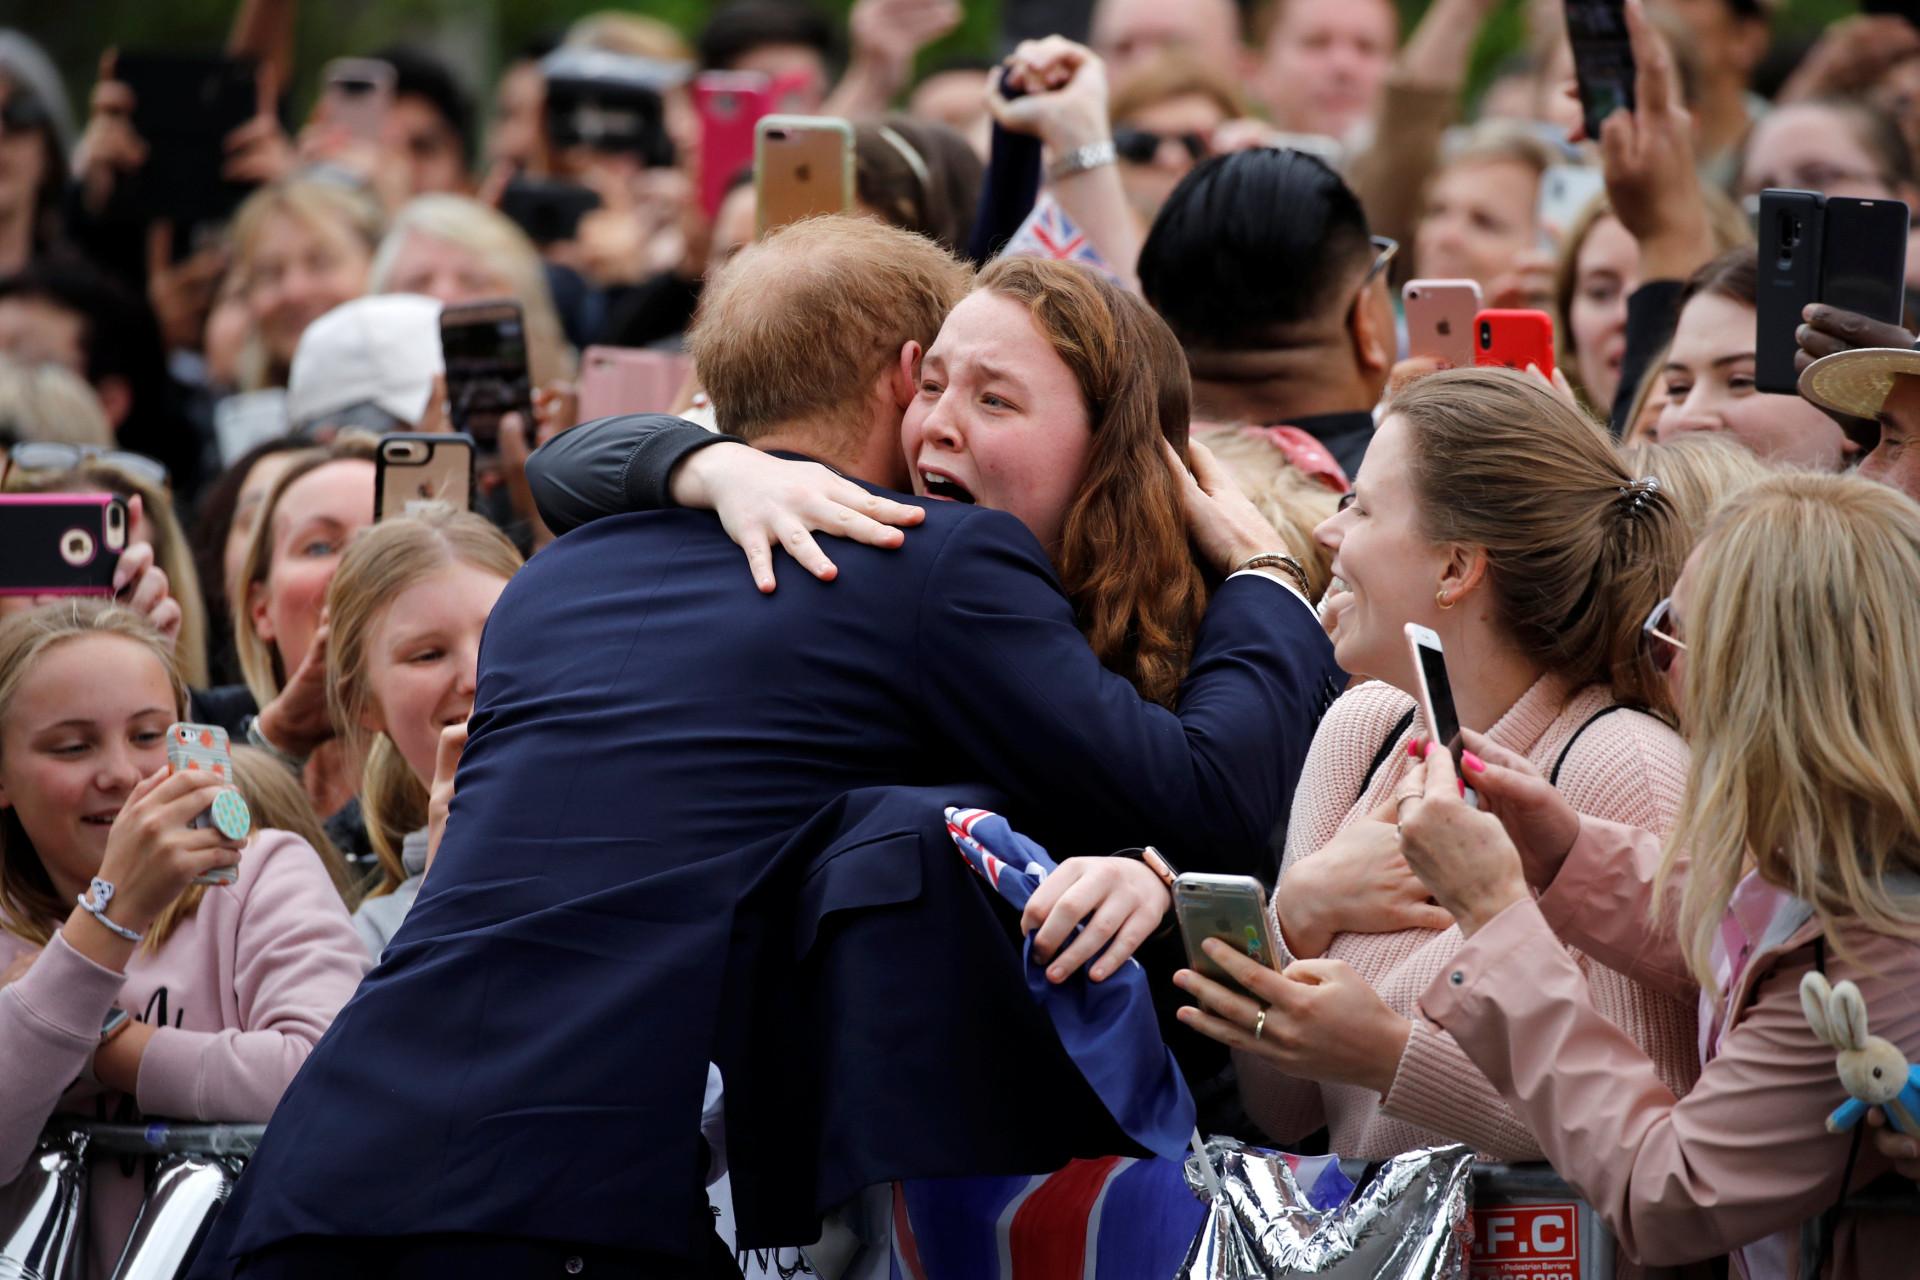 Jovem fica lavada em lágrimas com abraço de príncipe Harry